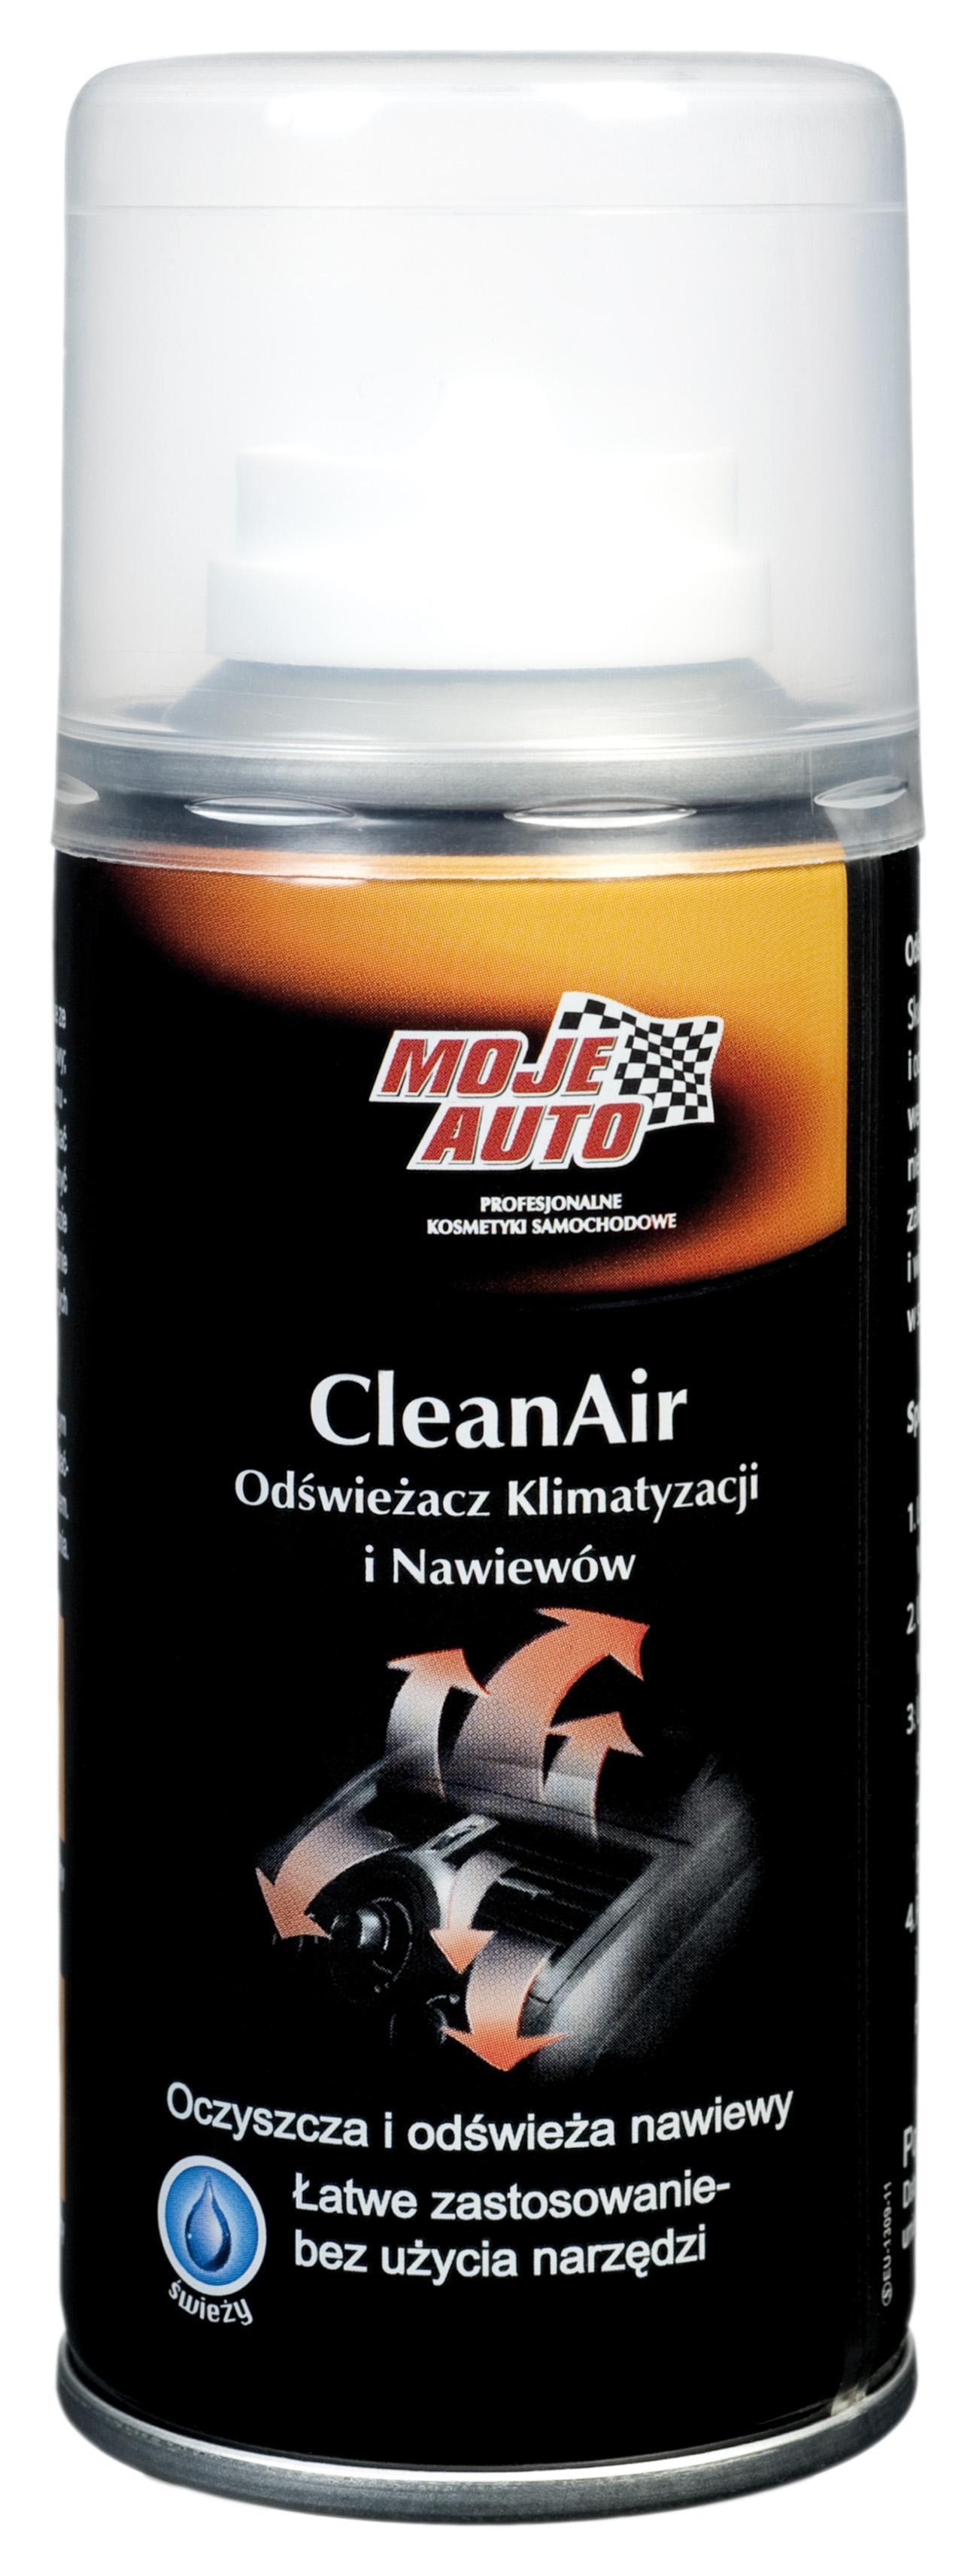 MOJE AUTO CLEAN AIR ODŚWIEŻACZ KLIMATYZACJI I NAWIEWÓW 150ML